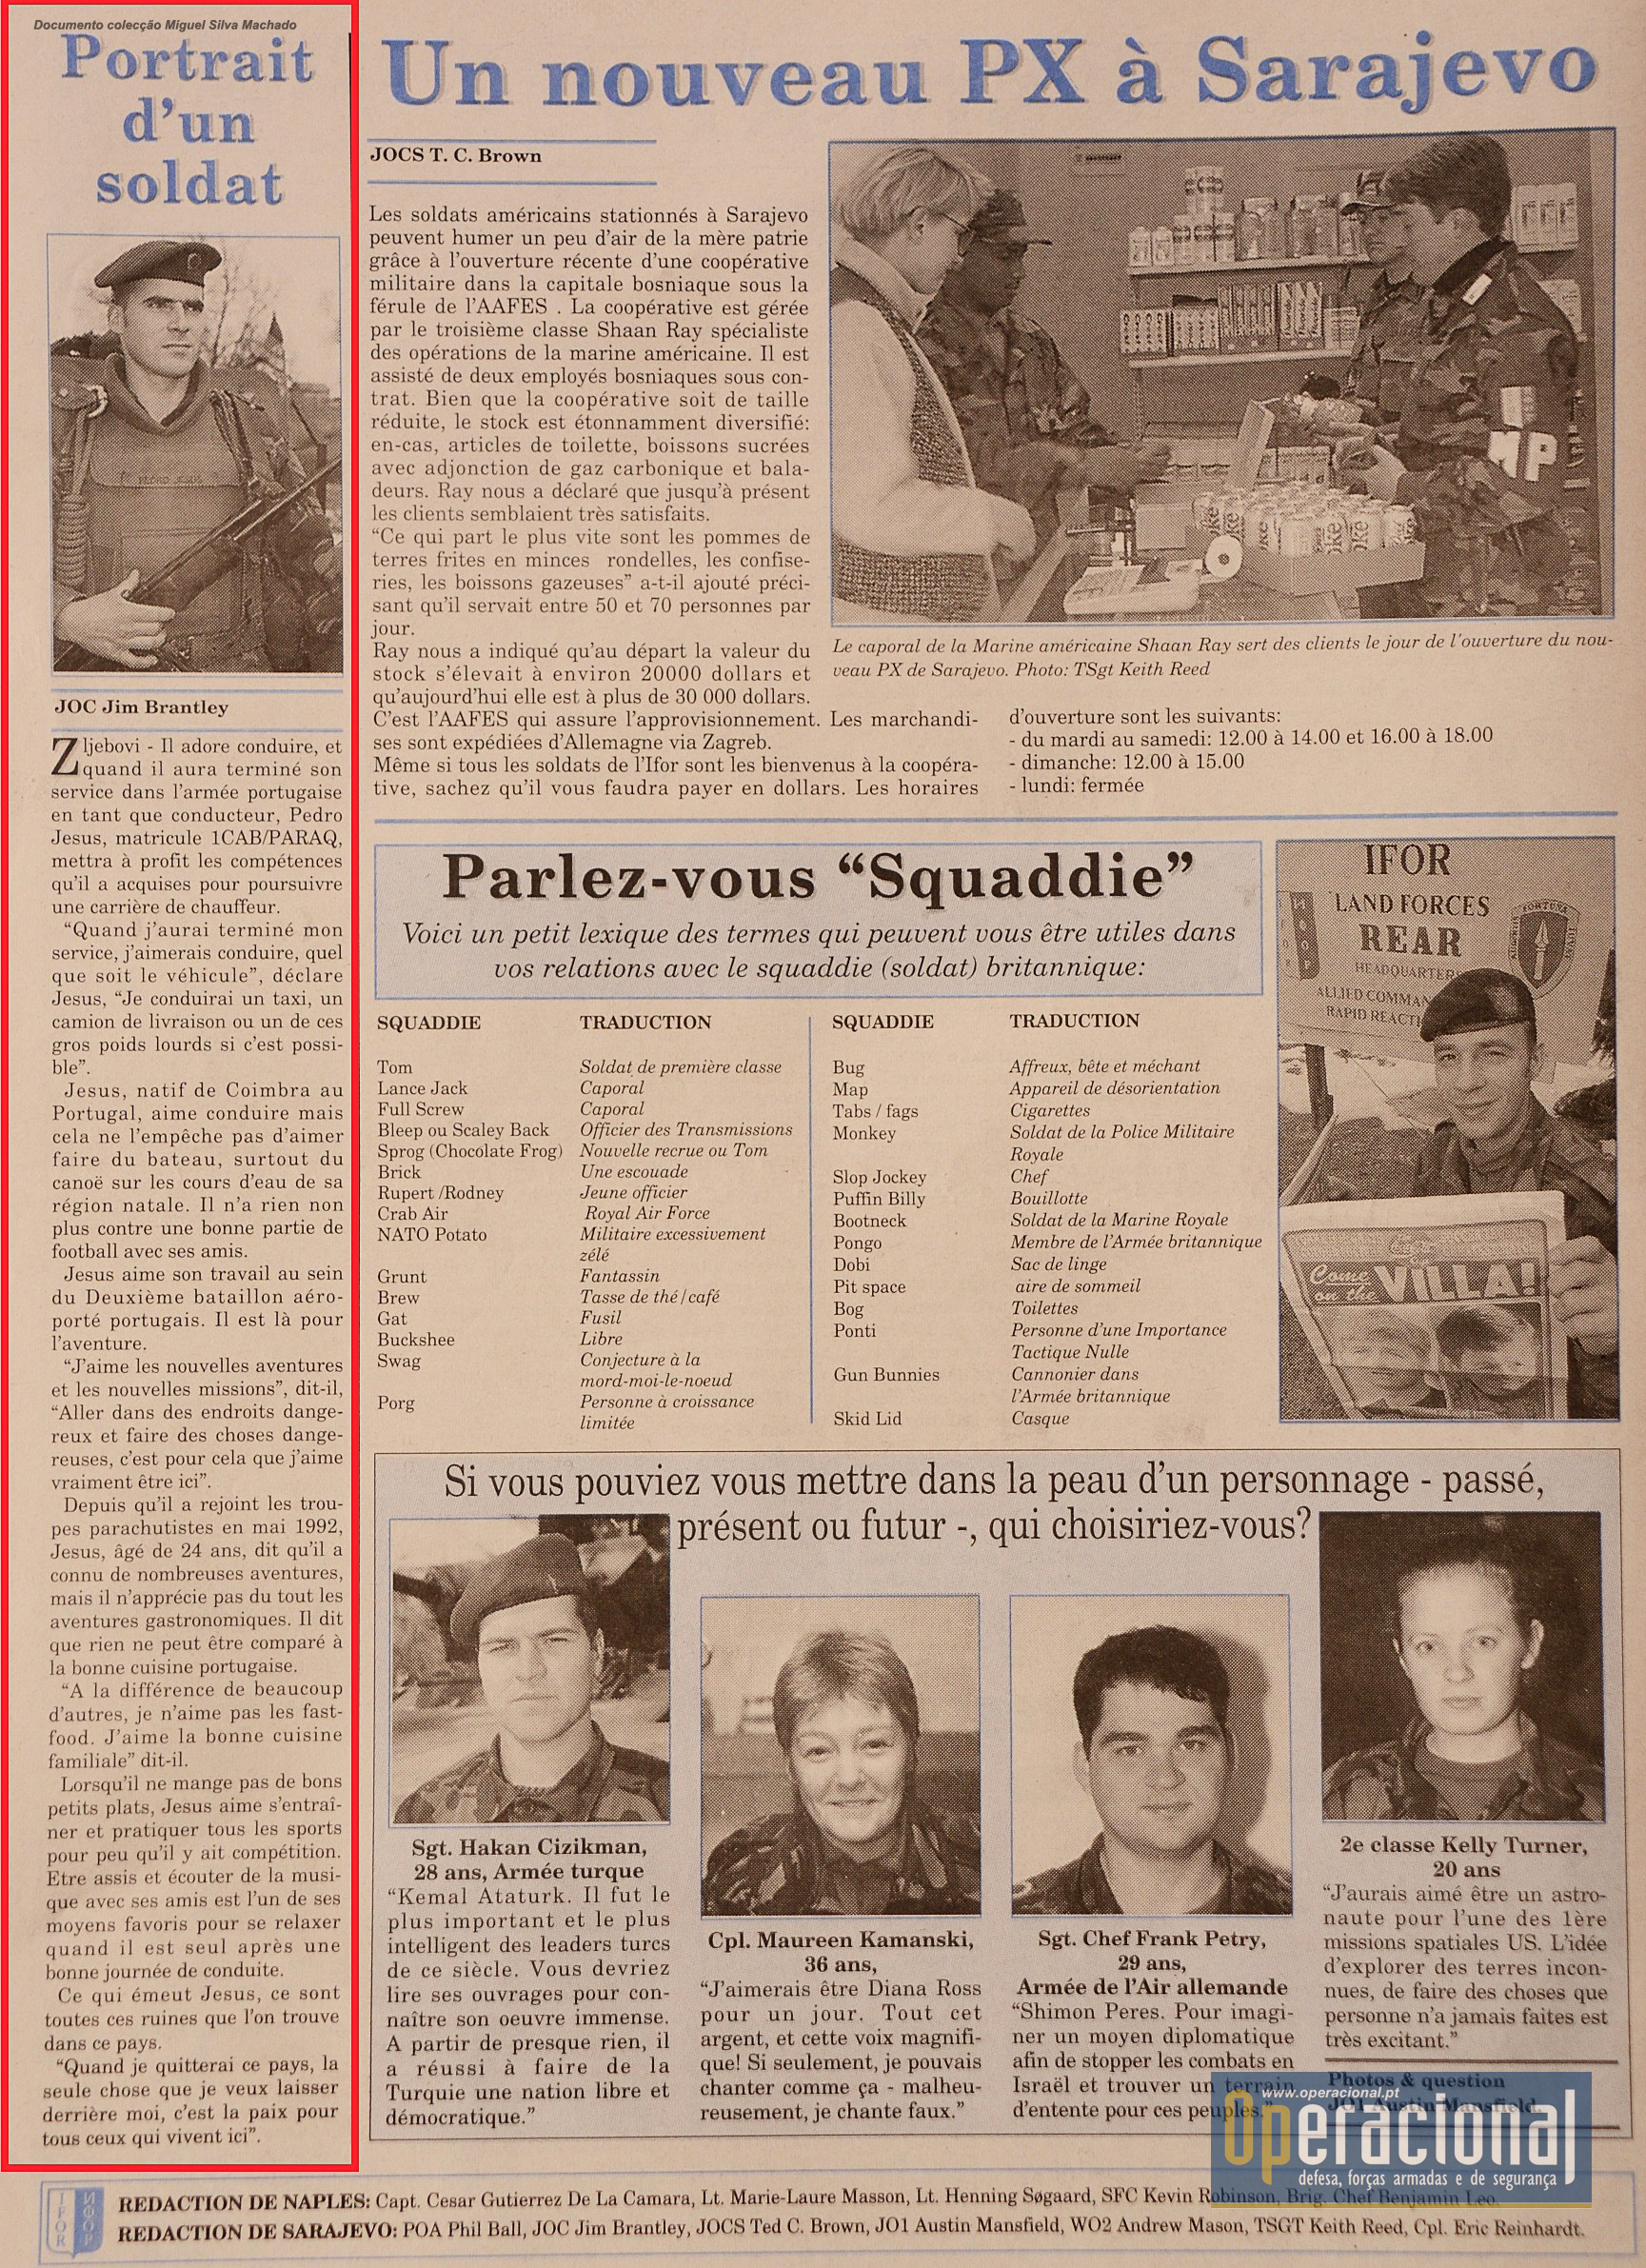 Das 13 edições do jornal, numa um militar português, o Primeiro-cabo Pára-quedista Pedro Jesus.